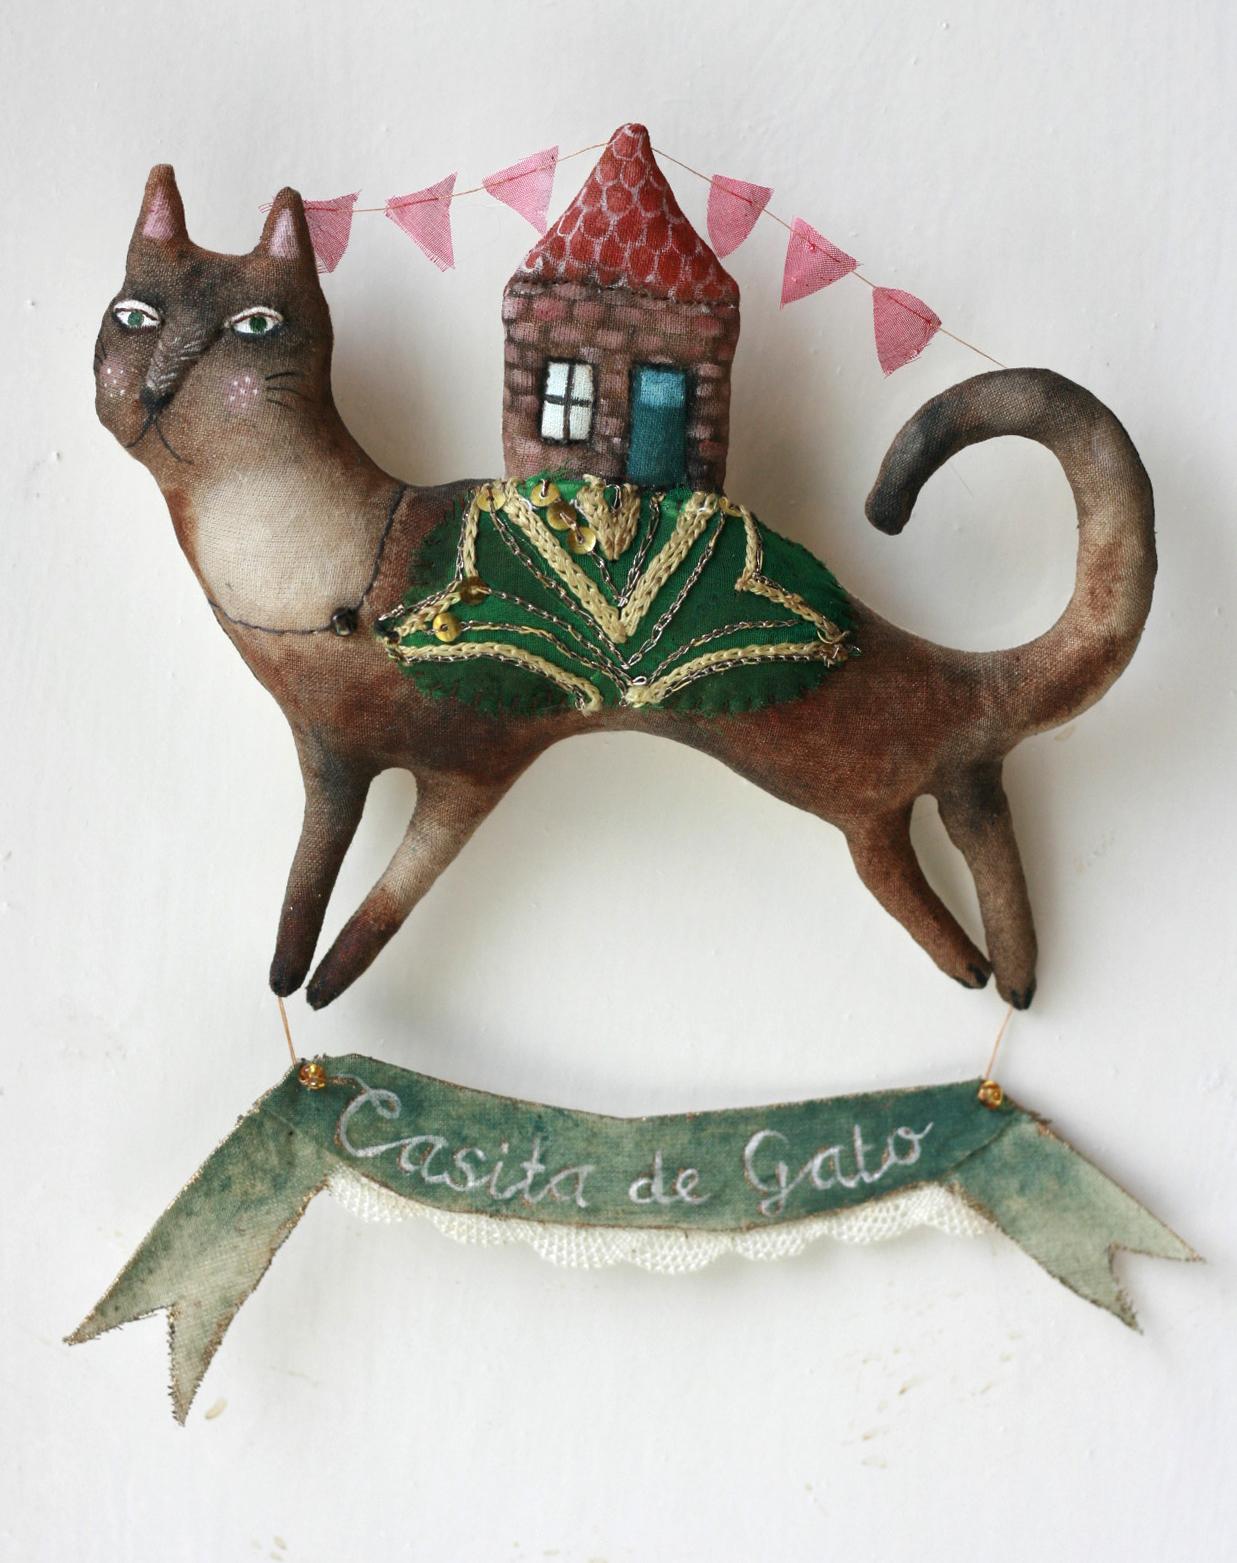 Casita de Gato